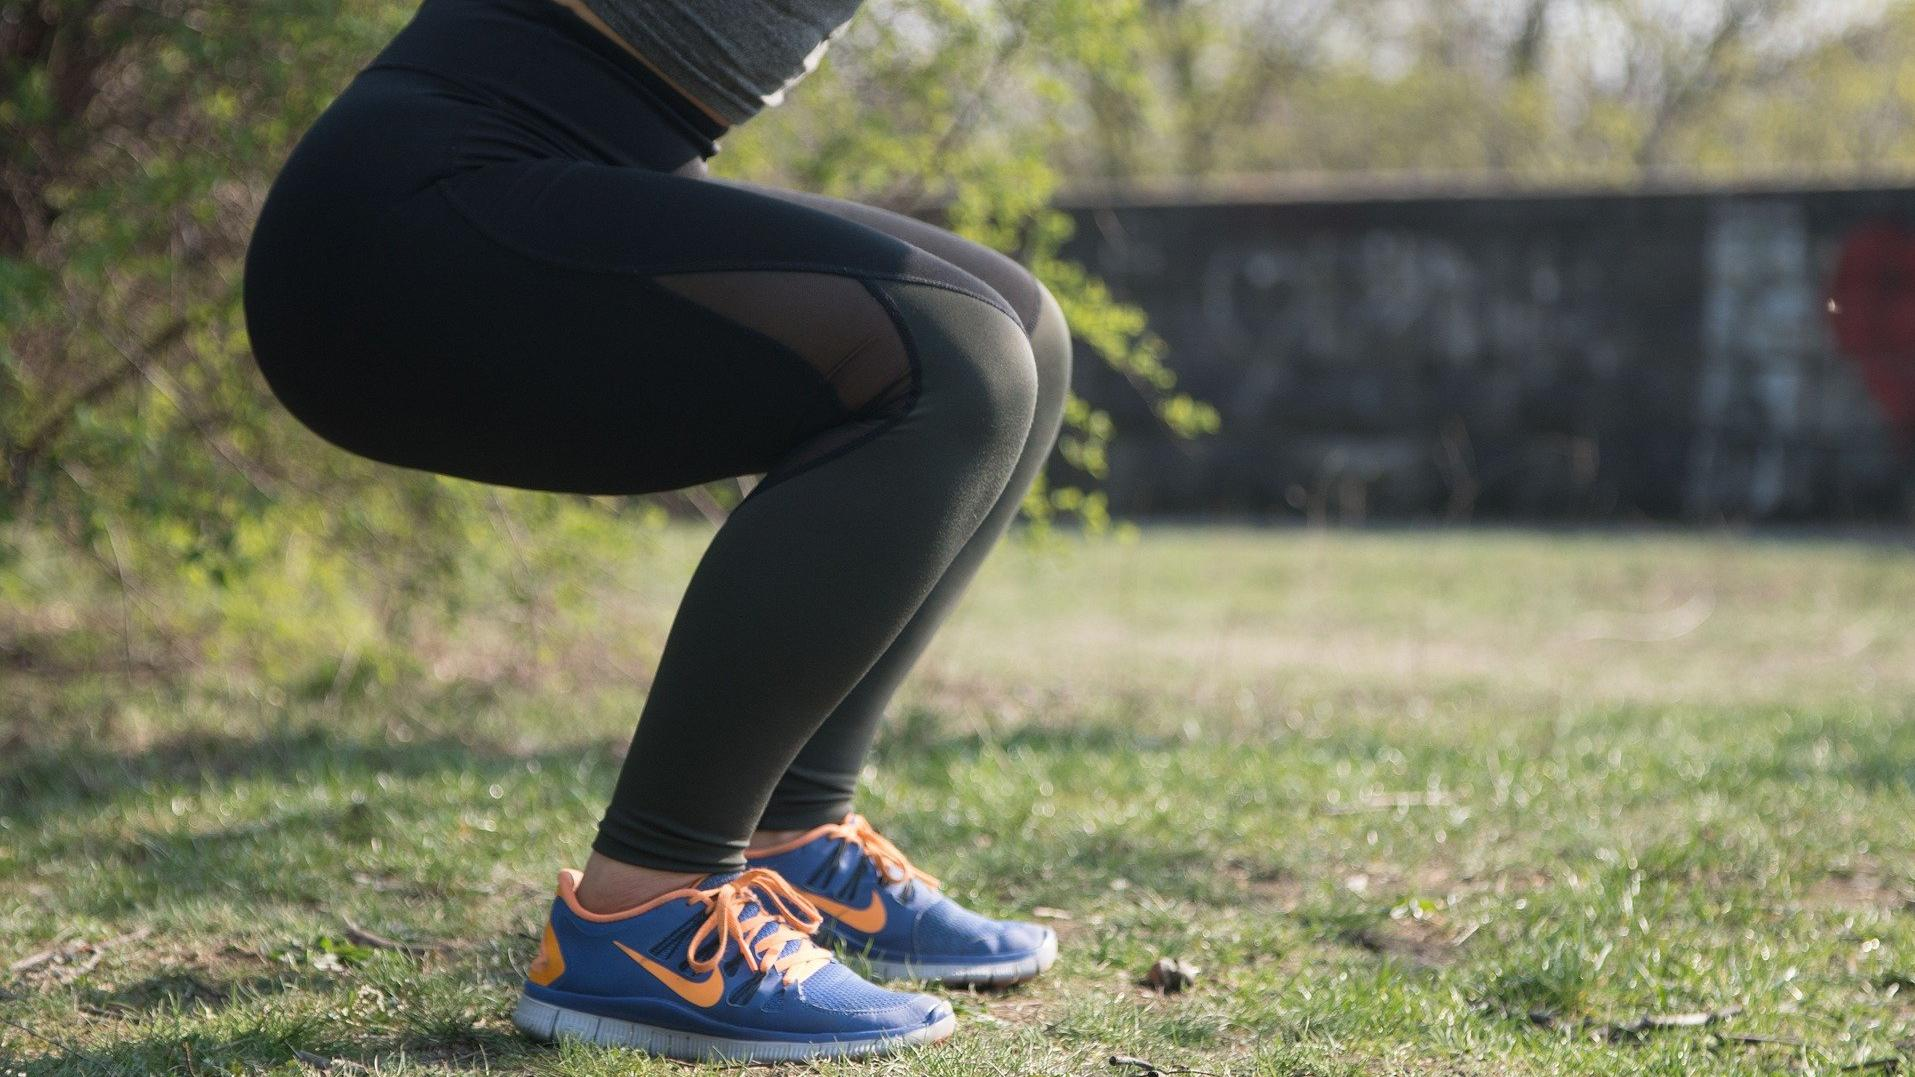 Mit Übungen können Sie effektiv gegen Cellulite vorgehen